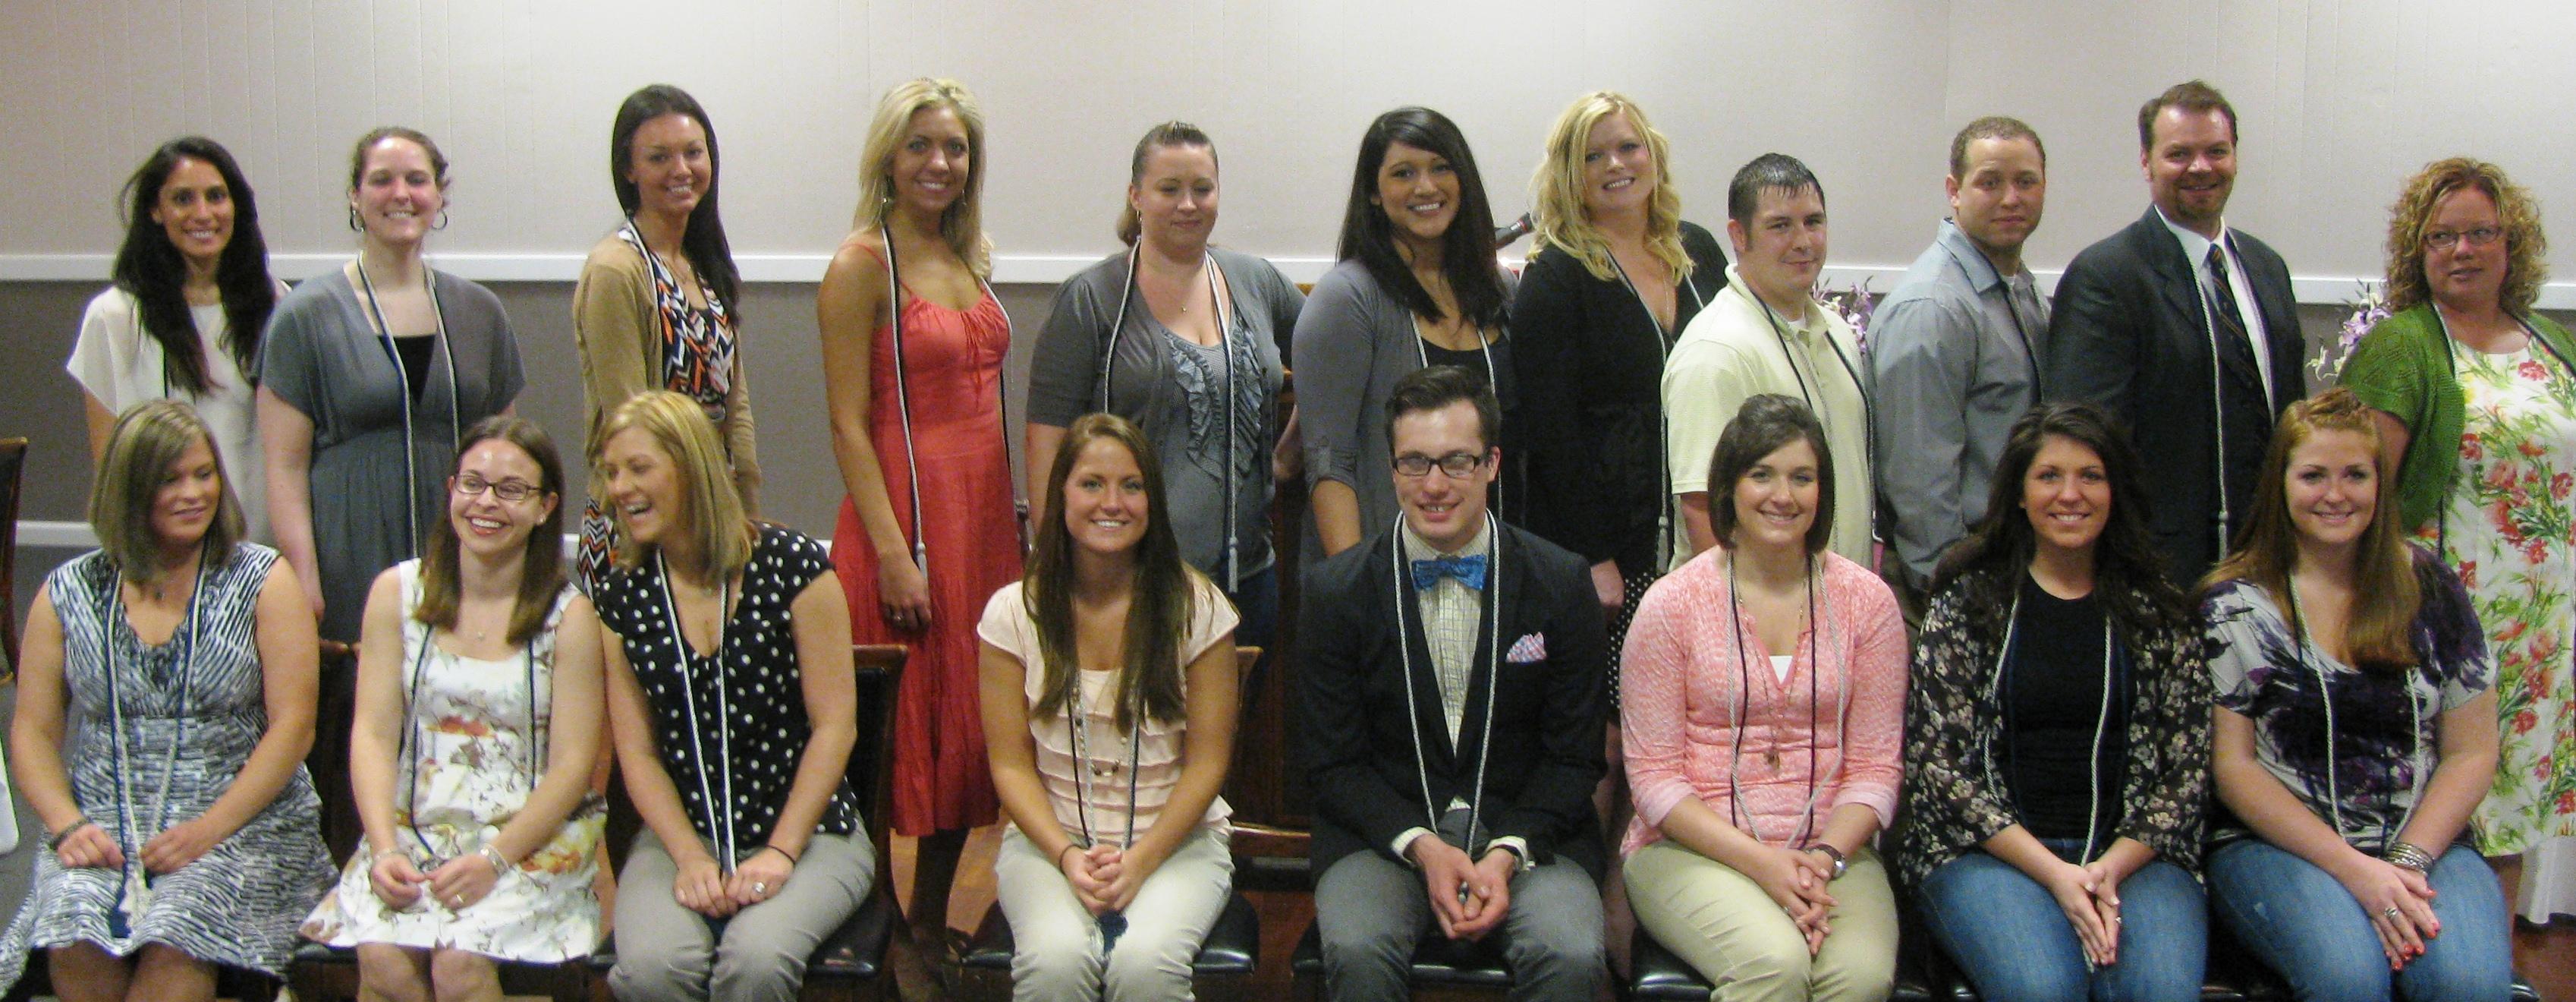 Honor society 2012 may group